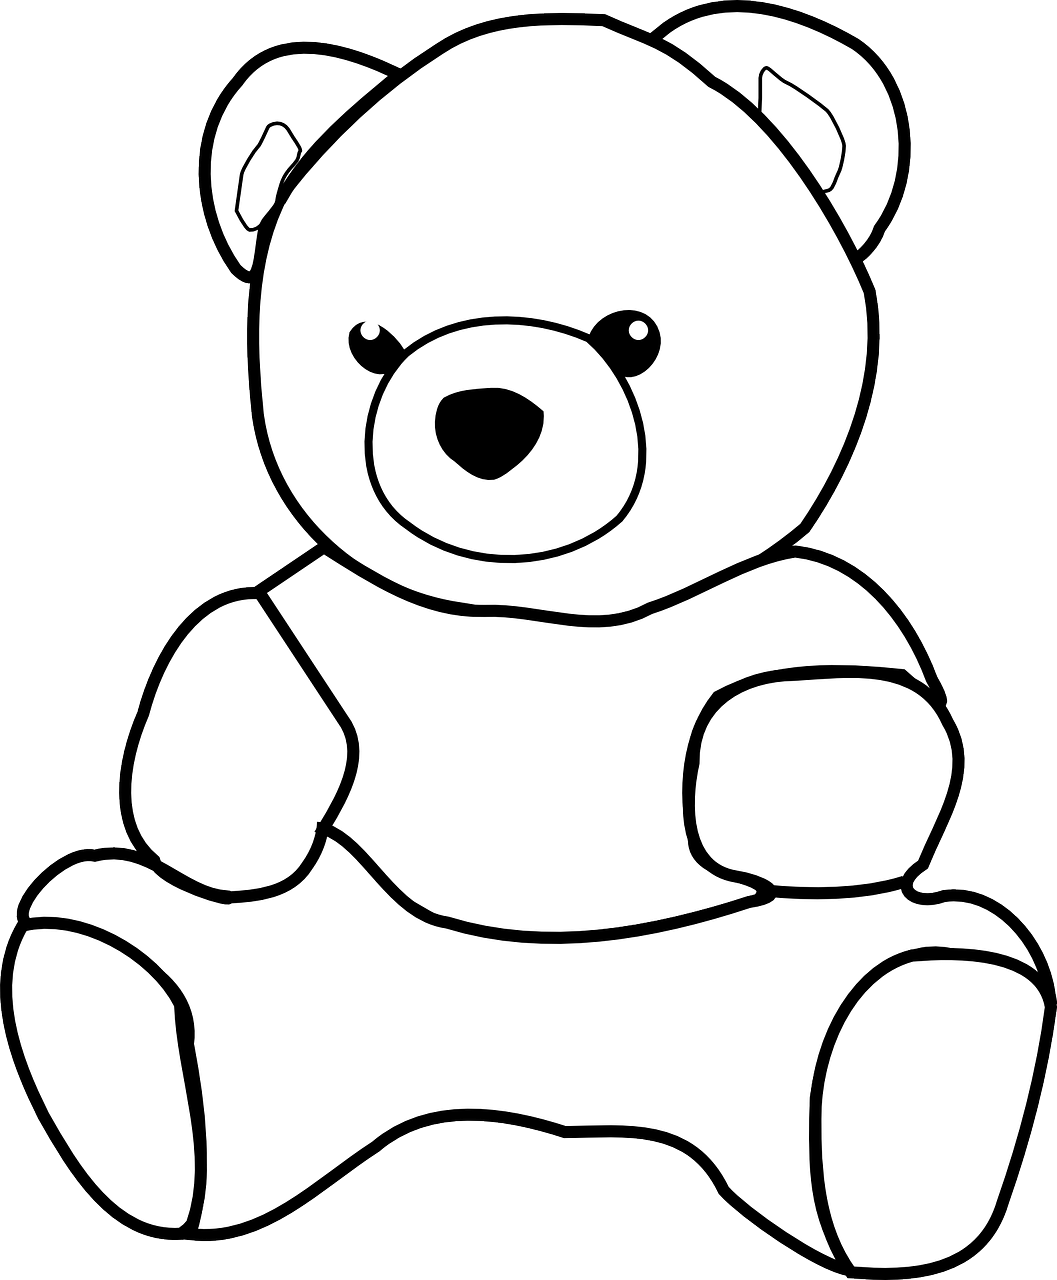 Daftar Mewarnai Gambar Boneka Beruang Unguentine Sketsa